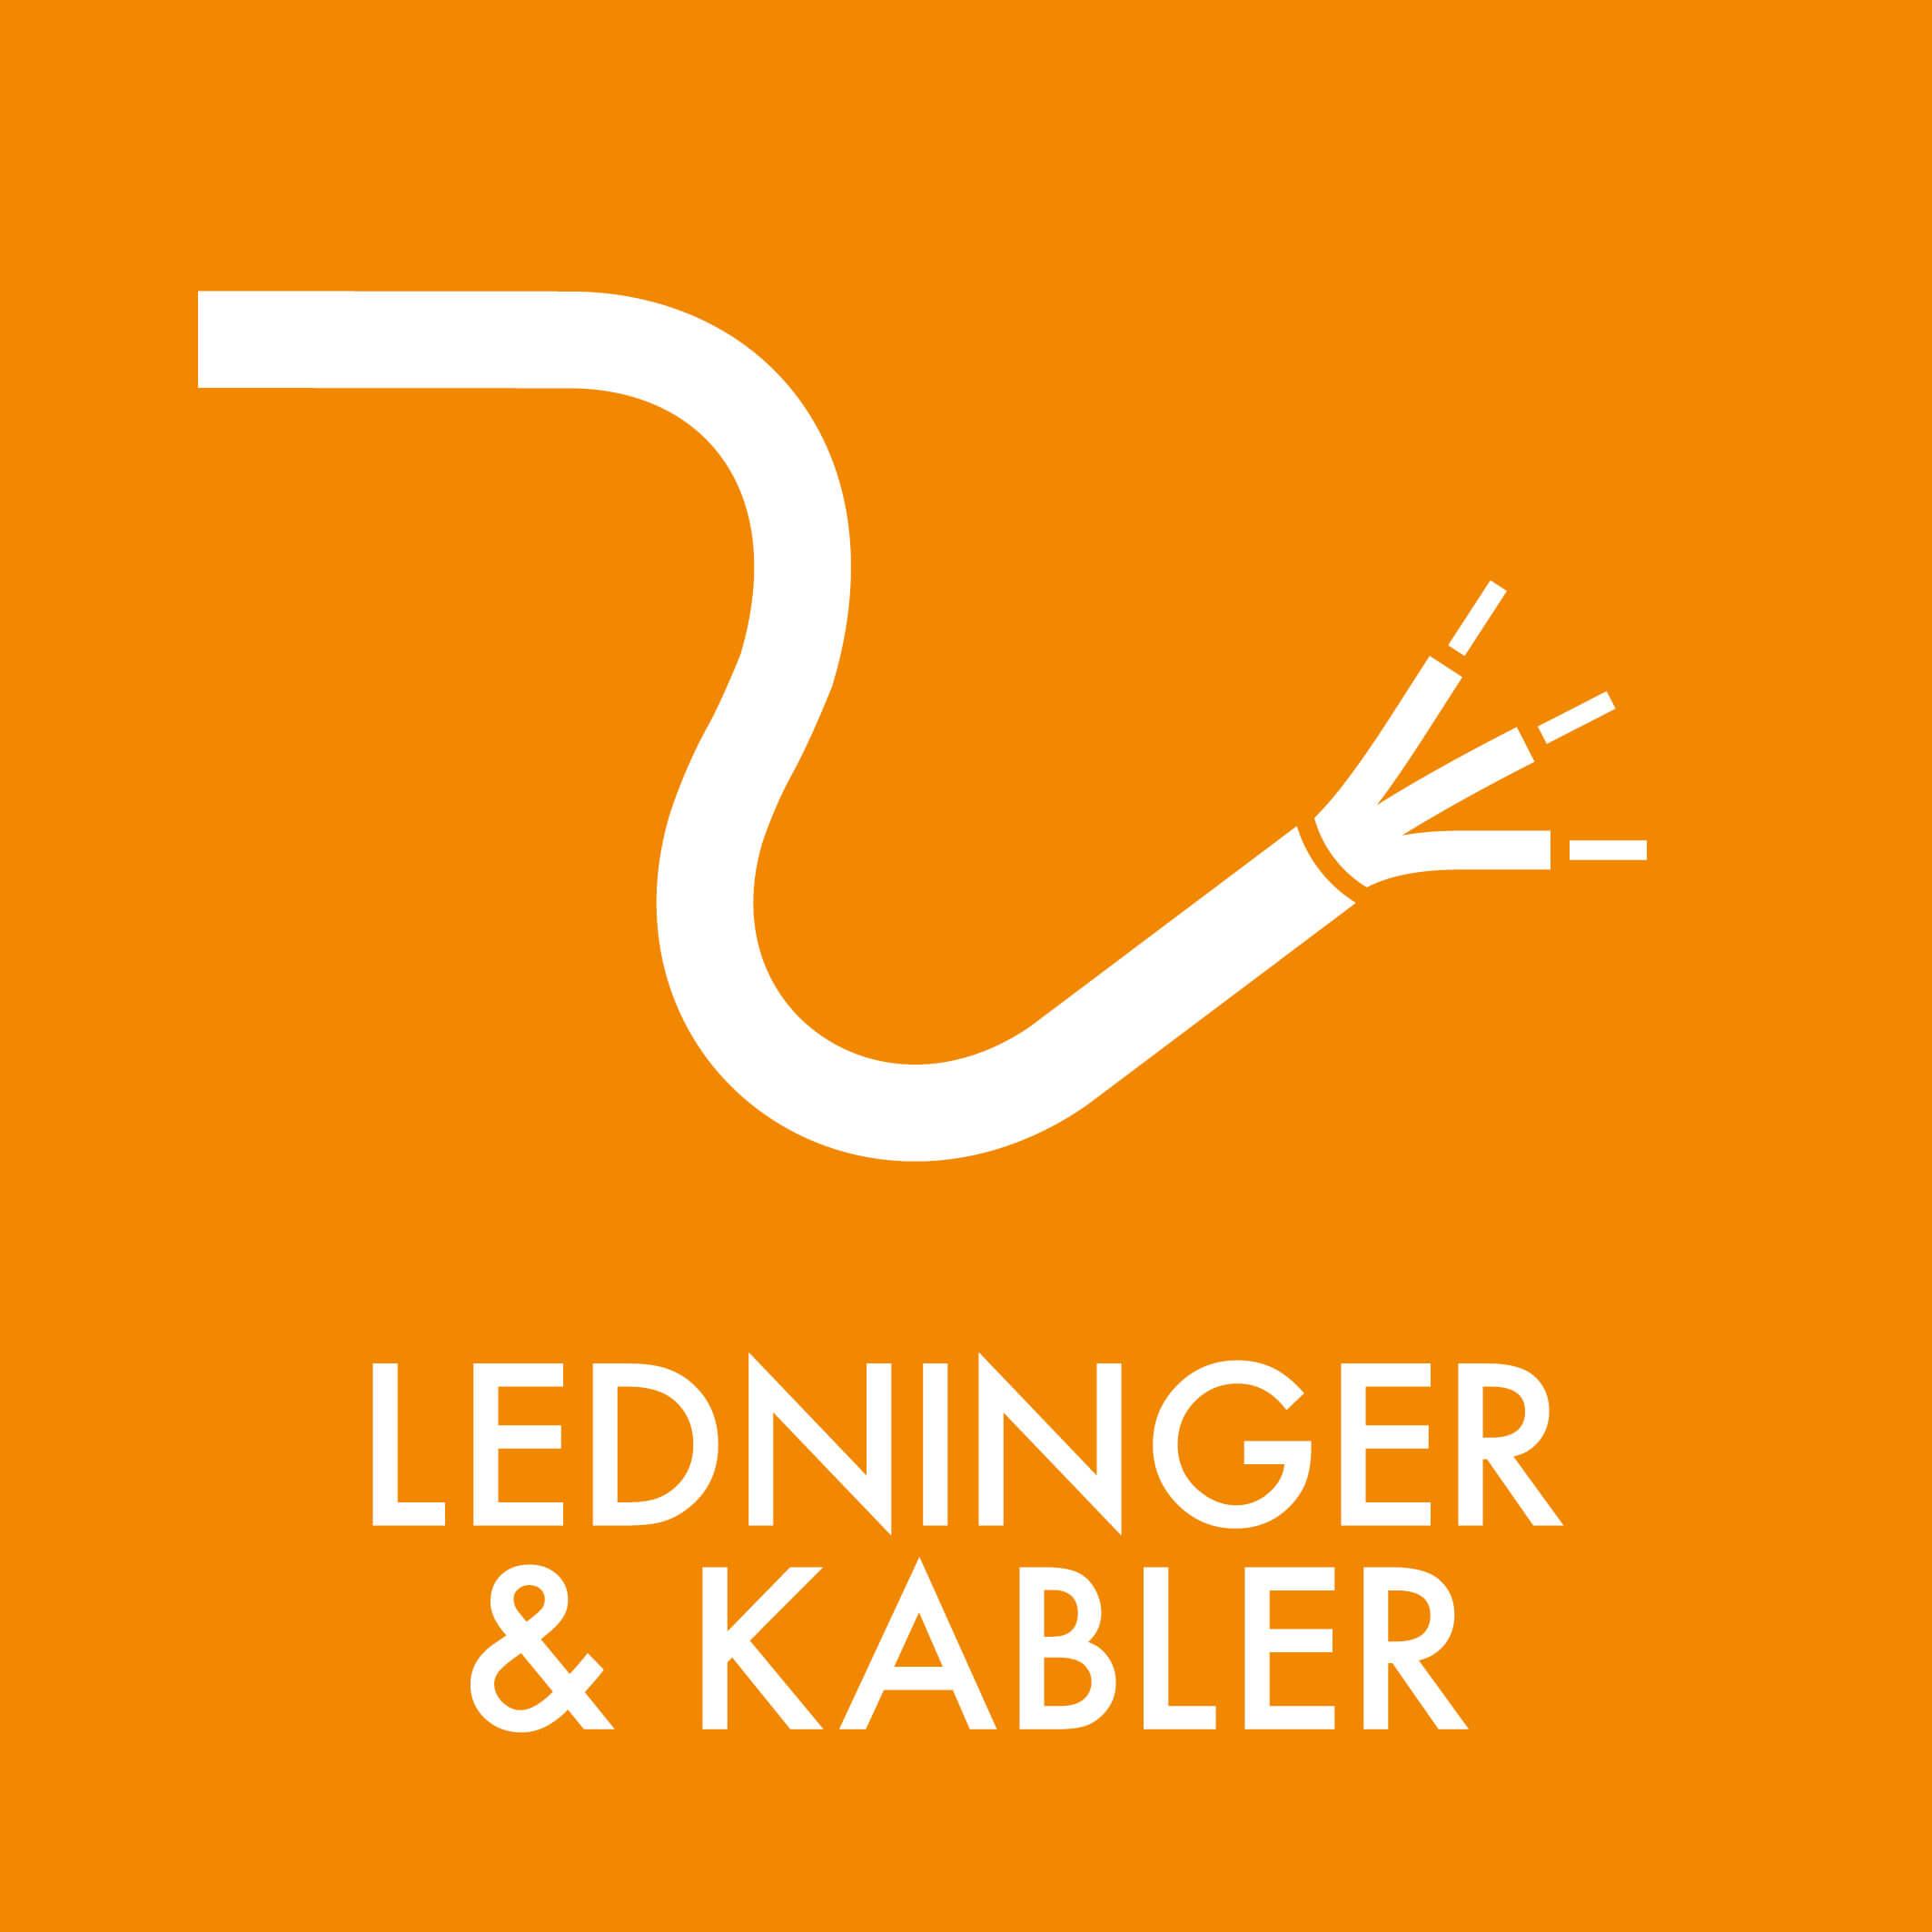 Dansk Affaldssortering - Ledninger og kabler